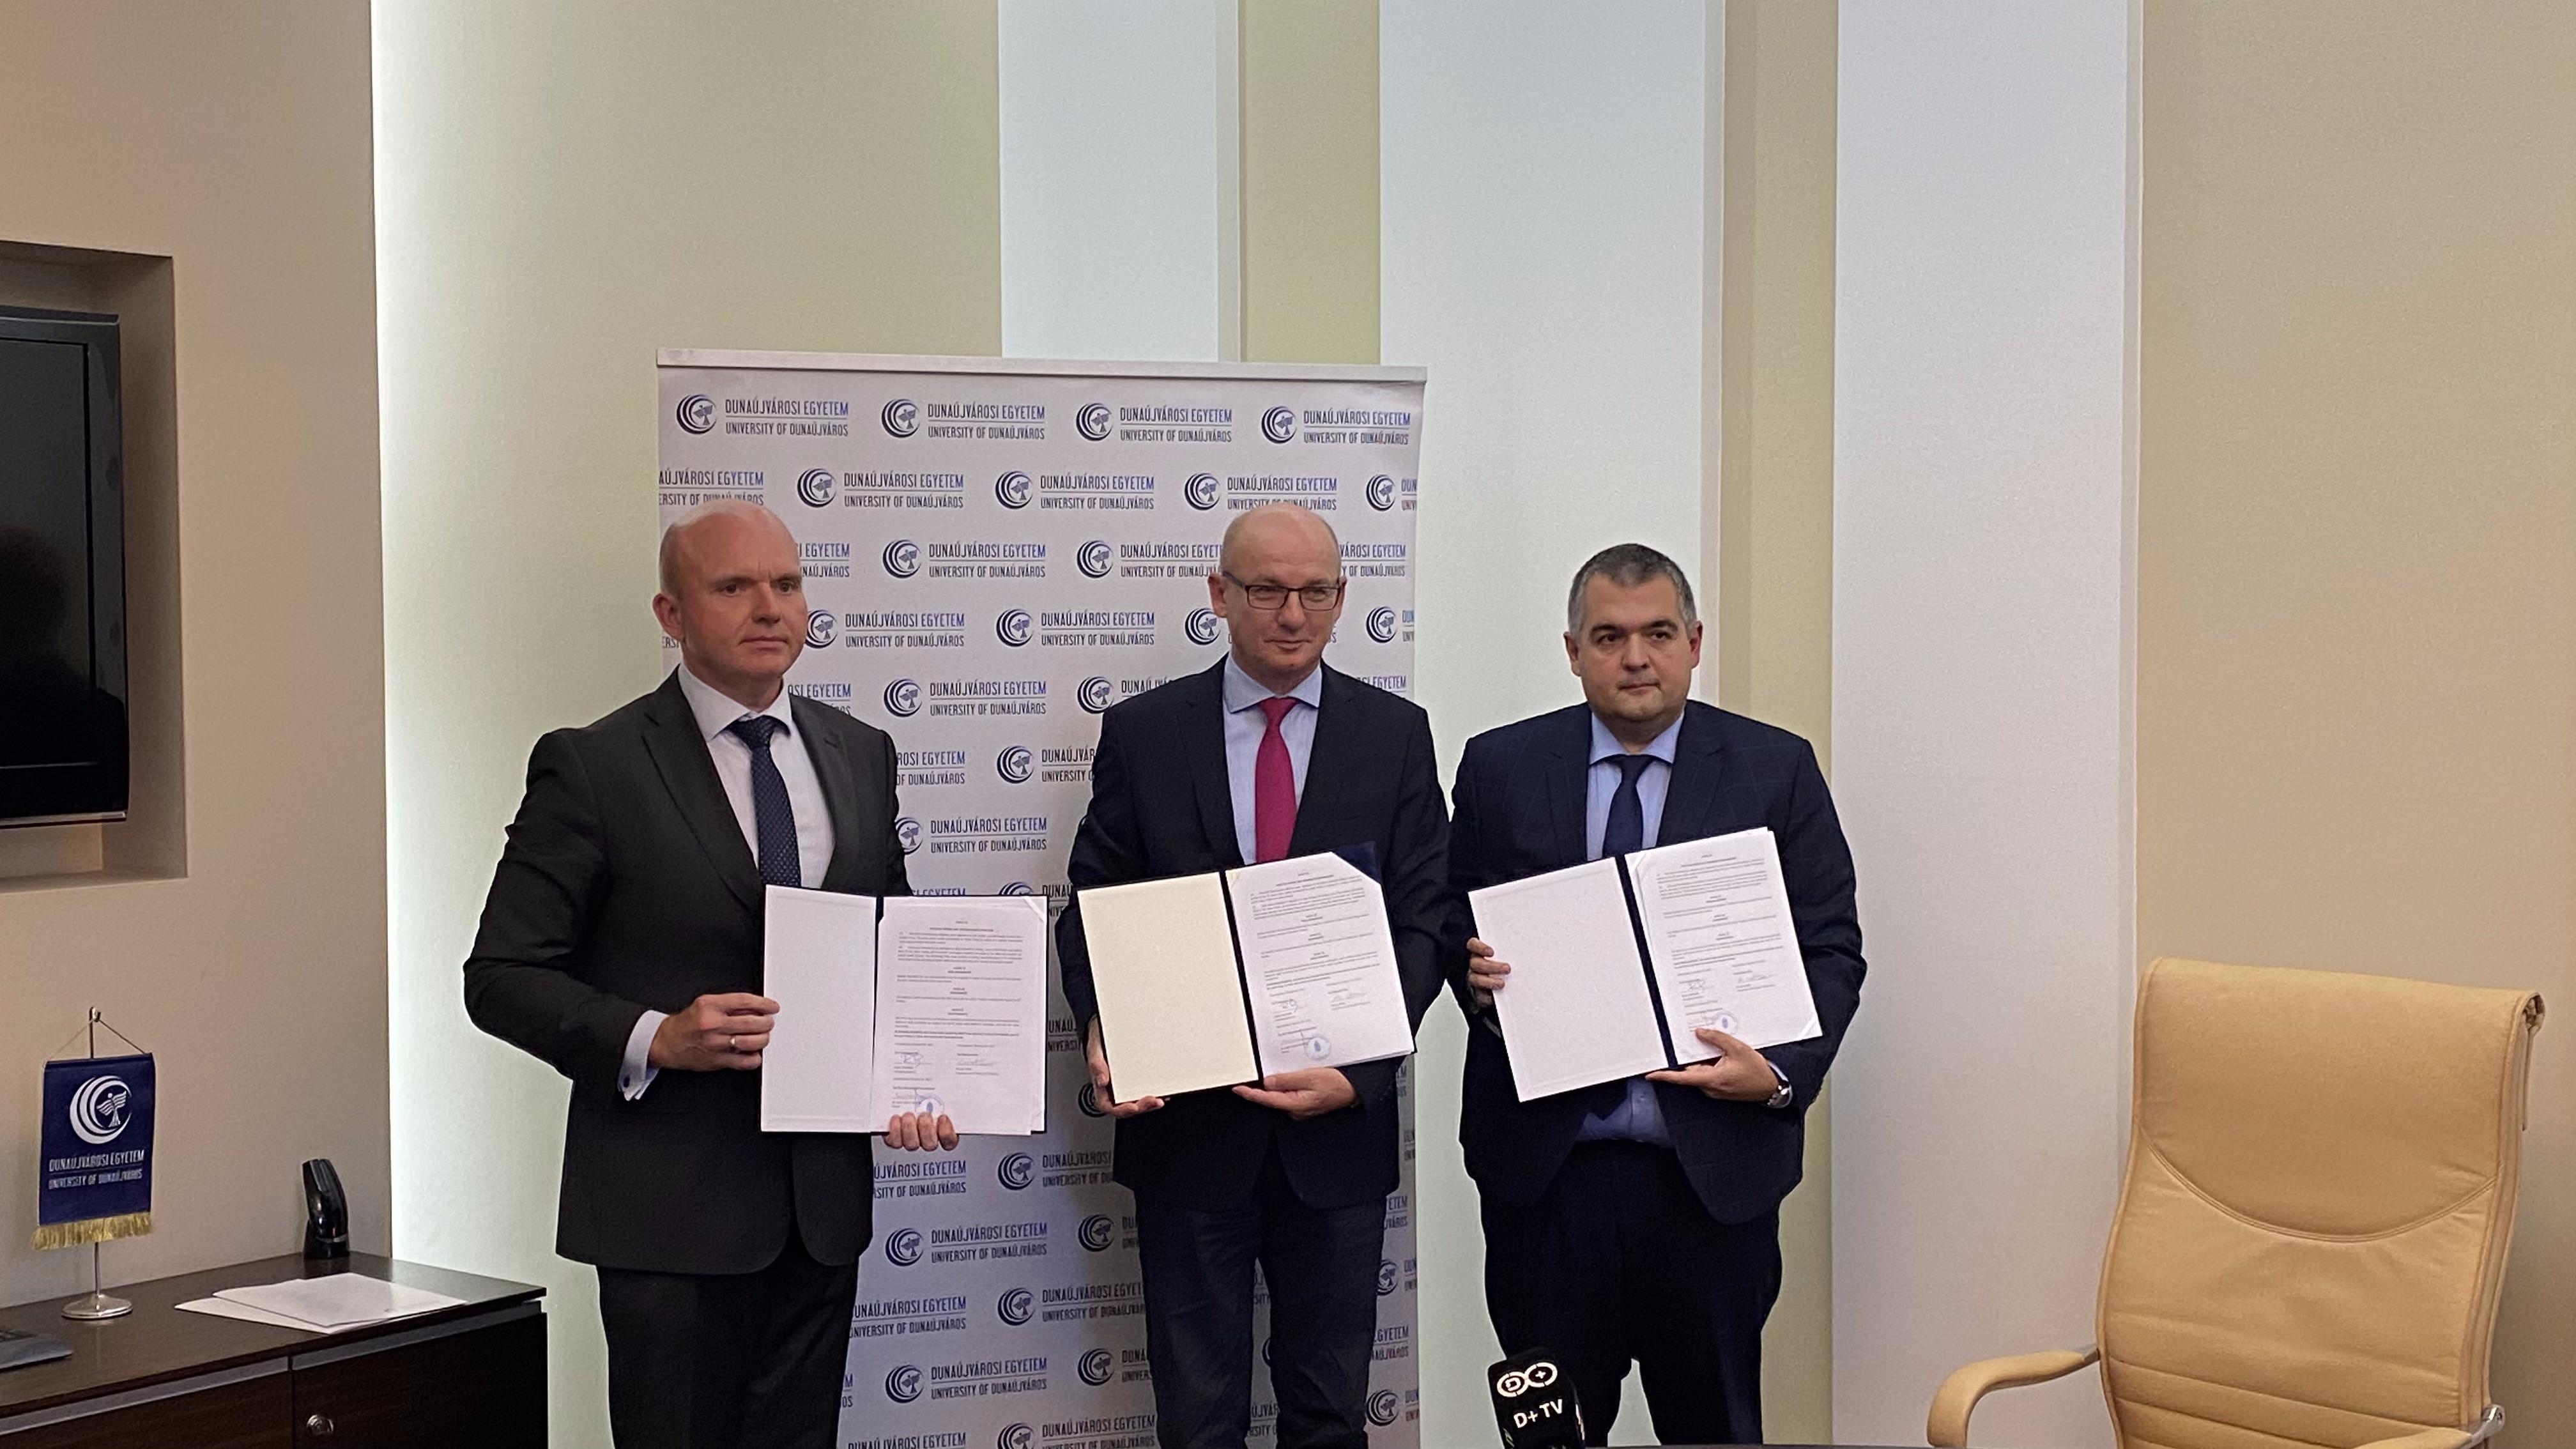 Háromoldalú együttműködési megállapodást írt alá a Dunaújvárosi Egyetem, a Hunatom és a Framatome